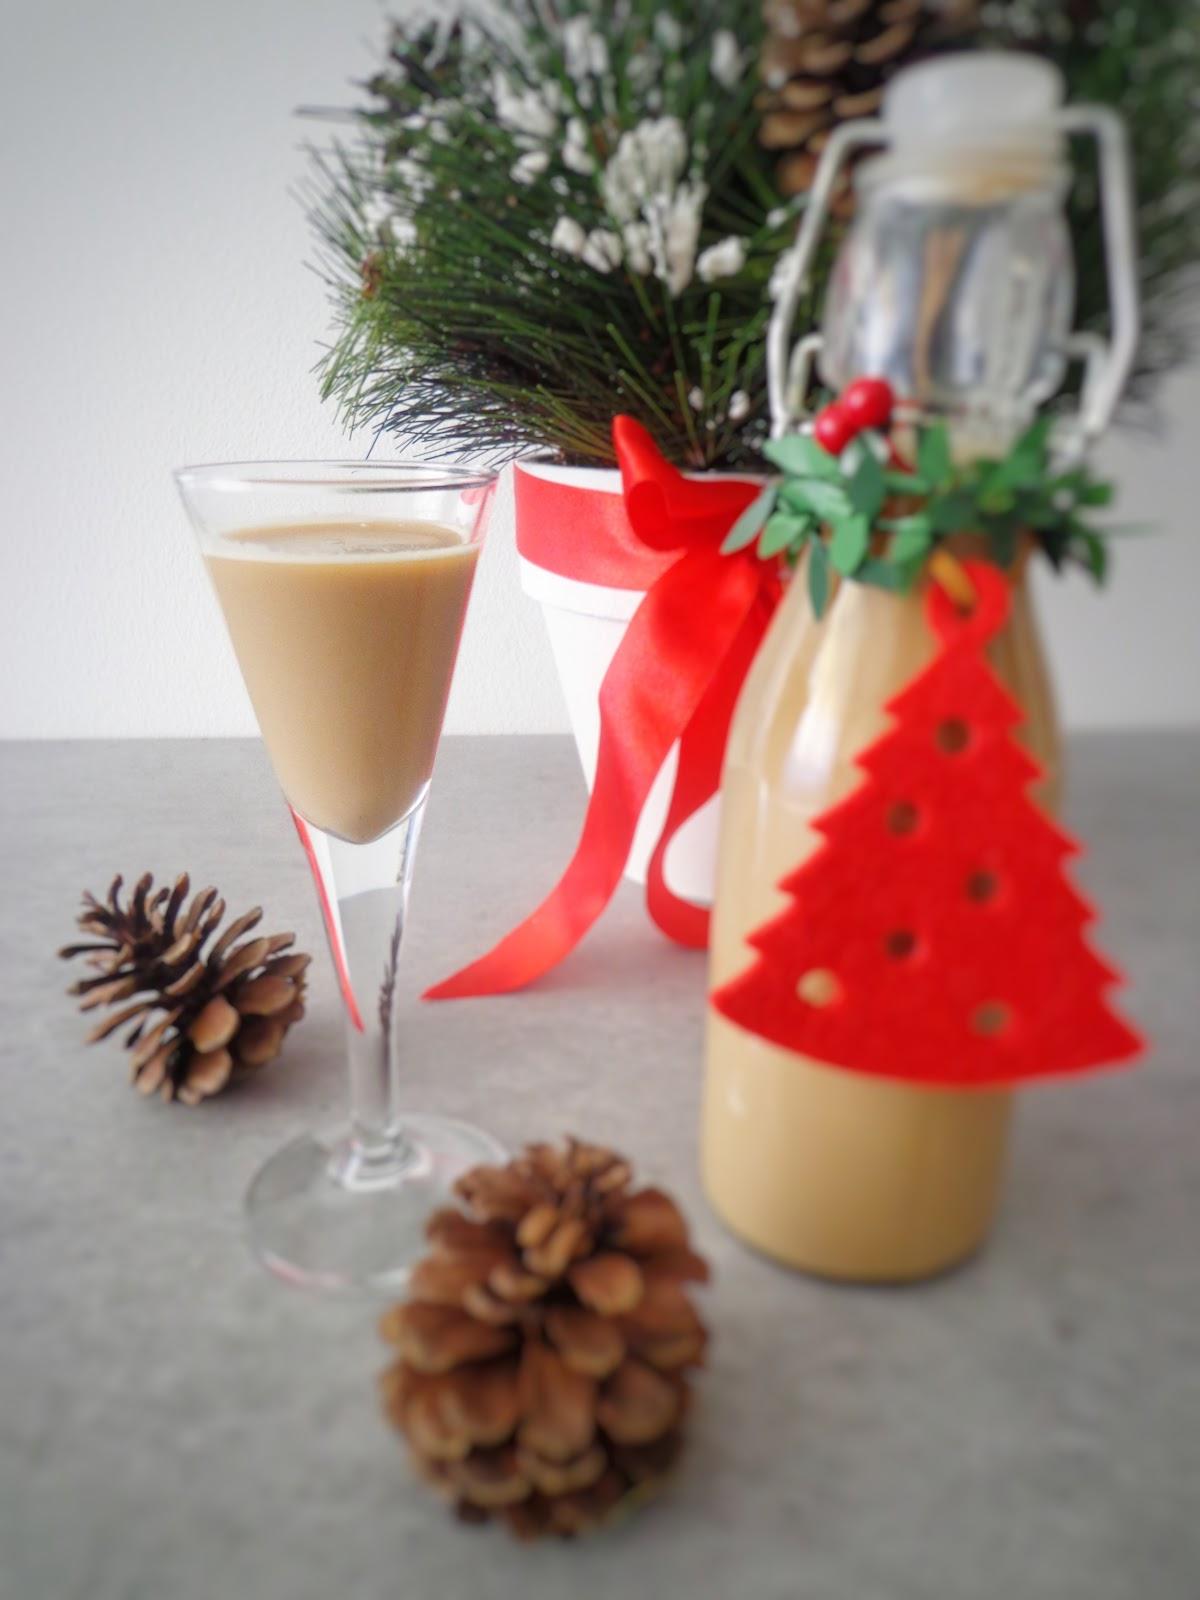 Domowy likier kawowy (Liquore alla crema di caffè)